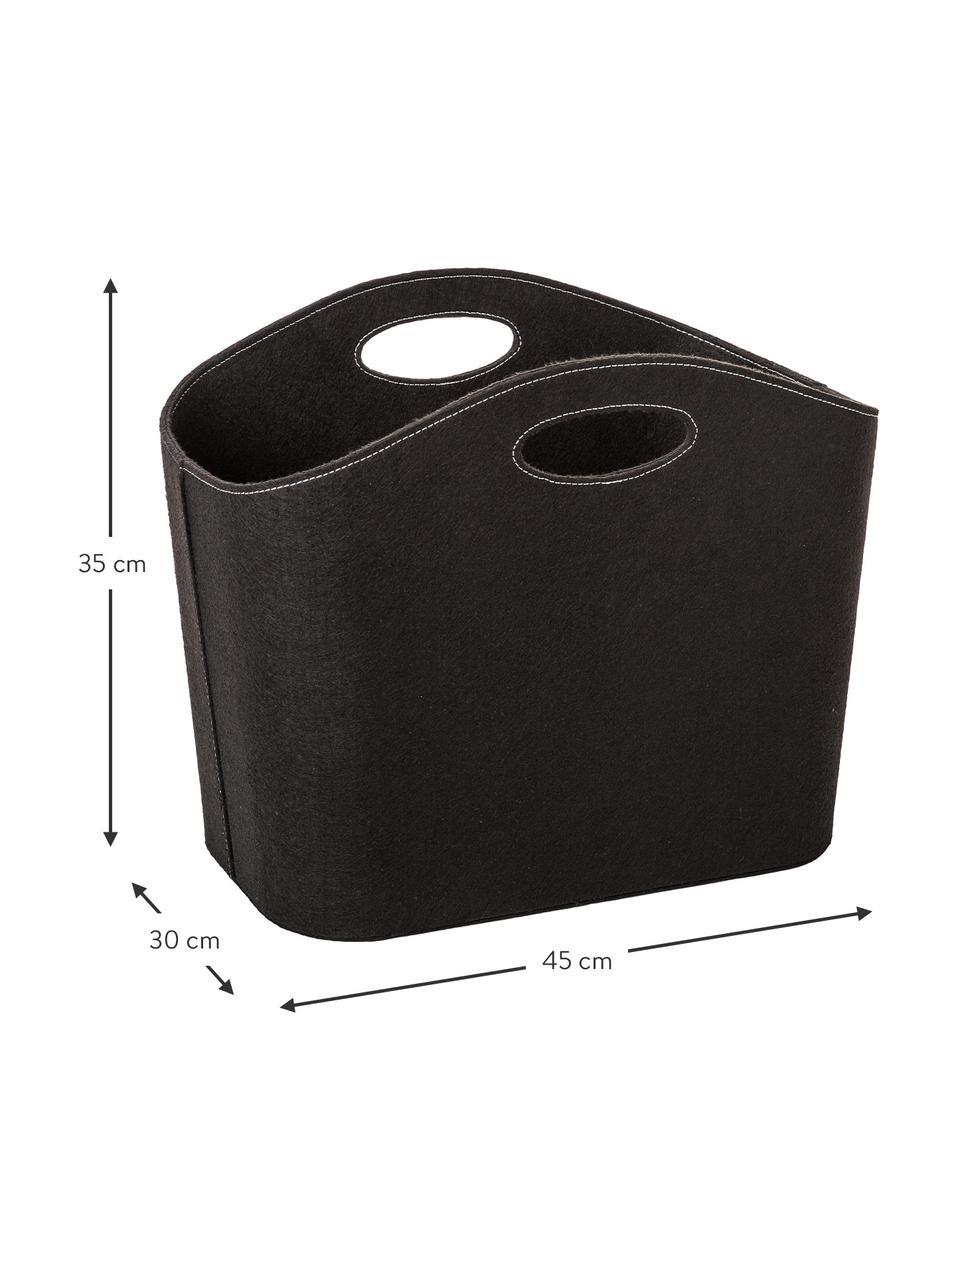 Cesto in feltro Mascha, Feltro in materiale sintetico riciclata, Nero, Lung. 45 x Larg. 30 cm